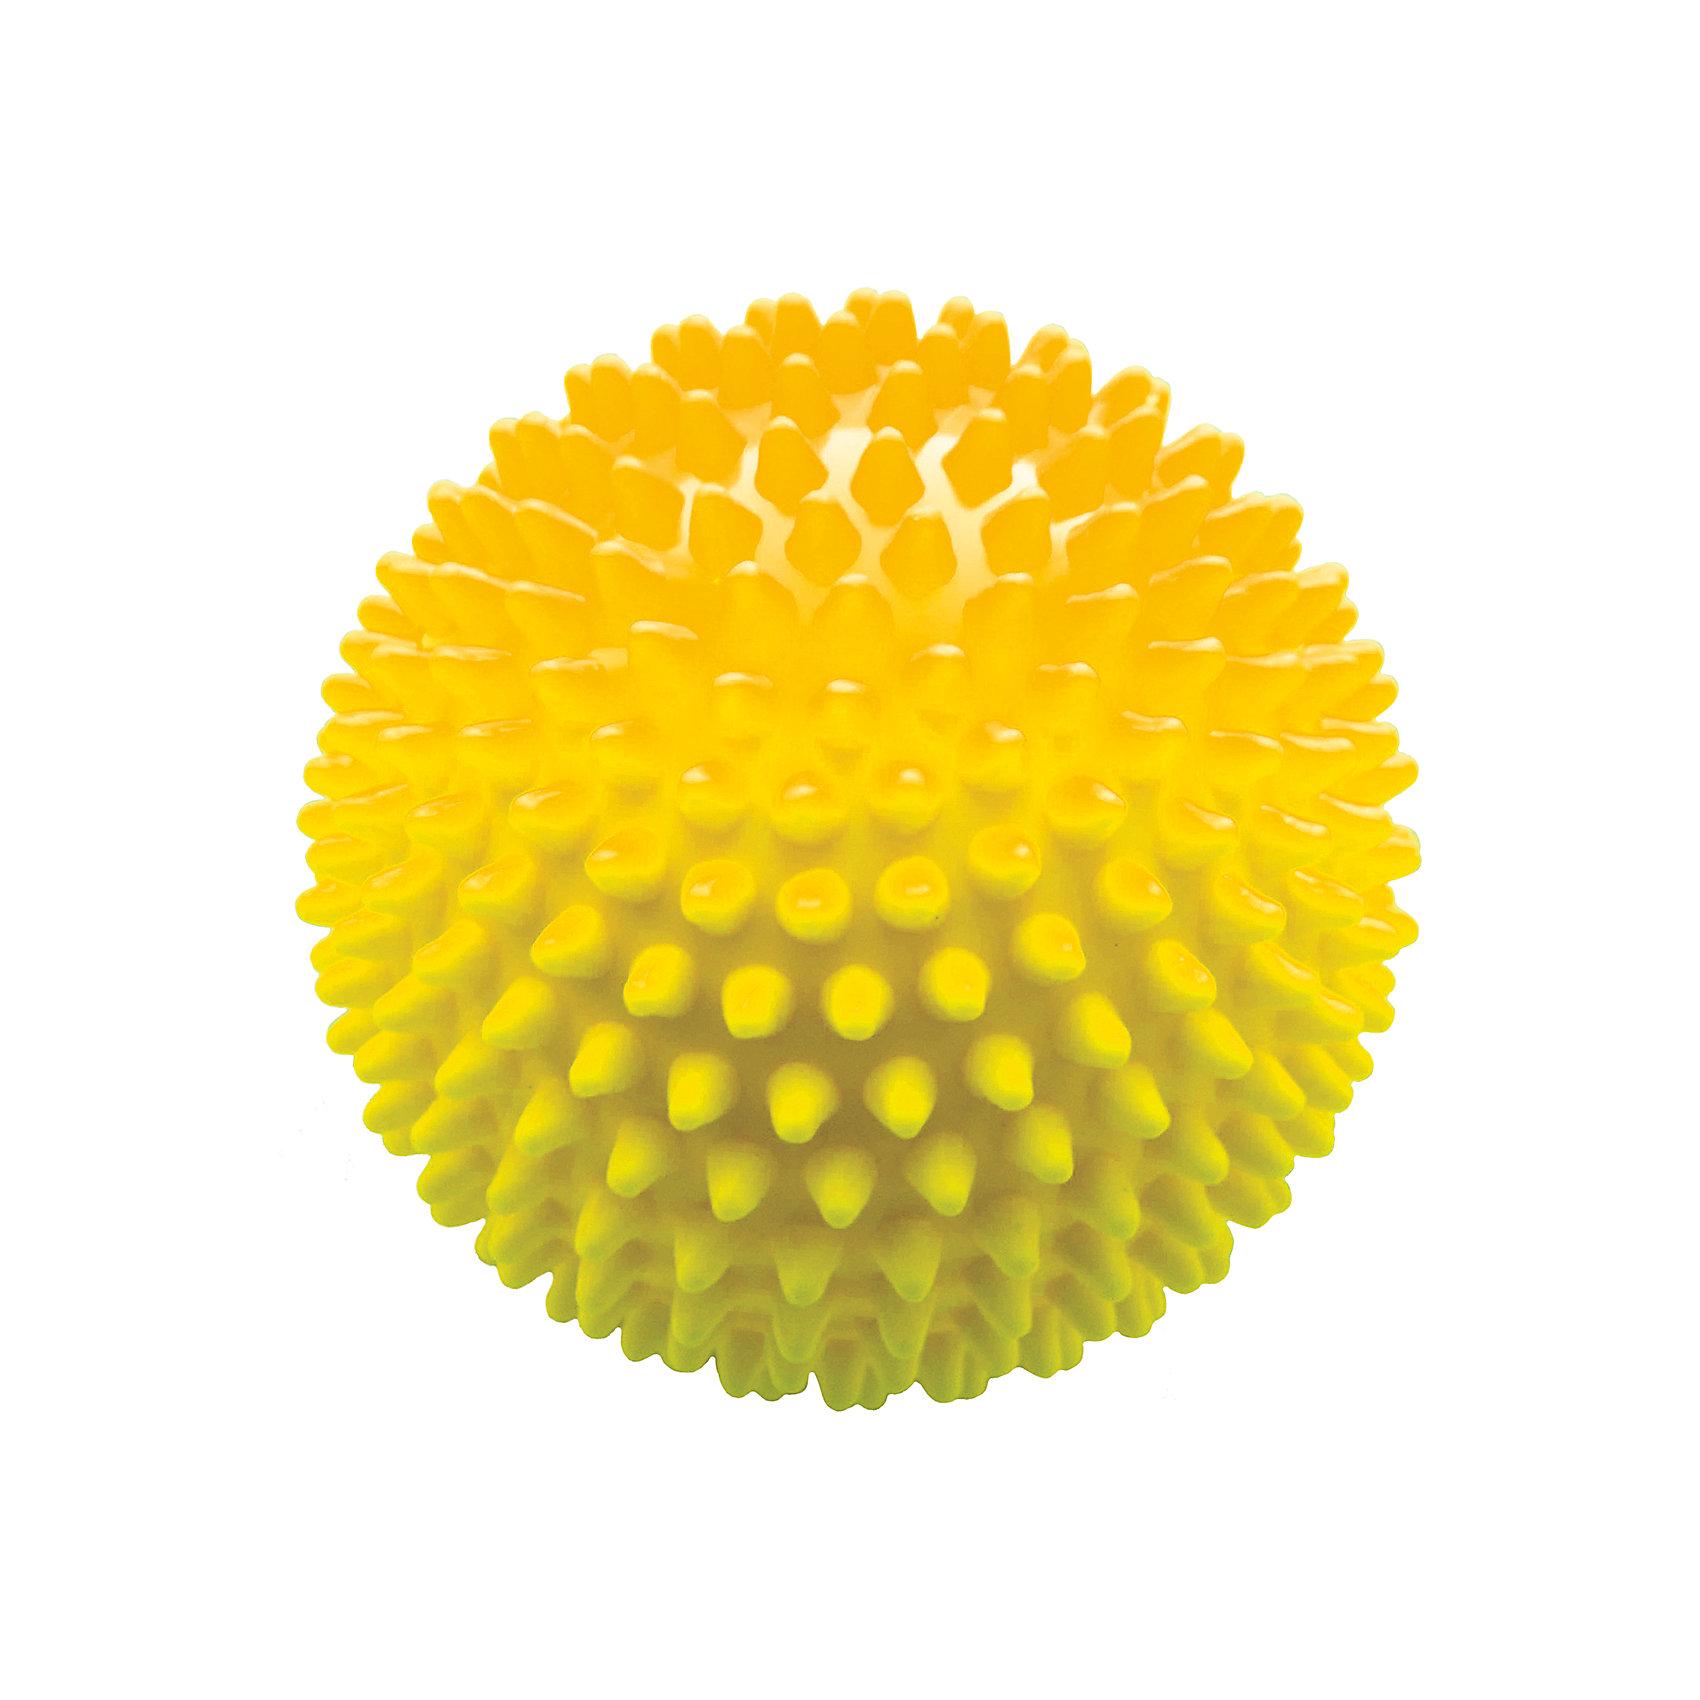 Мяч ёжик желтый, 18 см, МалышОКМячи детские<br>Характеристики товара:<br><br>• диаметр мяча: 18 см;<br>• материал: ПВХ;<br>• цвет: желтый;<br>• возраст: от 0 месяцев;<br>• размер упаковки: 22,5х18х21 см;<br>• вес: 80 грамм;<br>• страна бренда: Россия.<br><br>Мяч ёжик подходит для игр, массажа и использования в воде. Мягкие шипы мяча массируют кожу малыша, улучшая кровоток, что способствует уменьшению венозного застоя, развитию мускулатуры, центральной и периферической нервной системы.<br><br>Игра с мячом поможет развить моторику рук, тактильные ощущения, координацию, а также цветовое восприятие.<br><br>Мяч изготовлен из гипоаллергенного материала.<br><br>Мяч ёжик желтый, 18 см, МалышОК можно купить в нашем интернет-магазине.<br><br>Ширина мм: 210<br>Глубина мм: 180<br>Высота мм: 225<br>Вес г: 80<br>Возраст от месяцев: 6<br>Возраст до месяцев: 2147483647<br>Пол: Унисекс<br>Возраст: Детский<br>SKU: 6894025